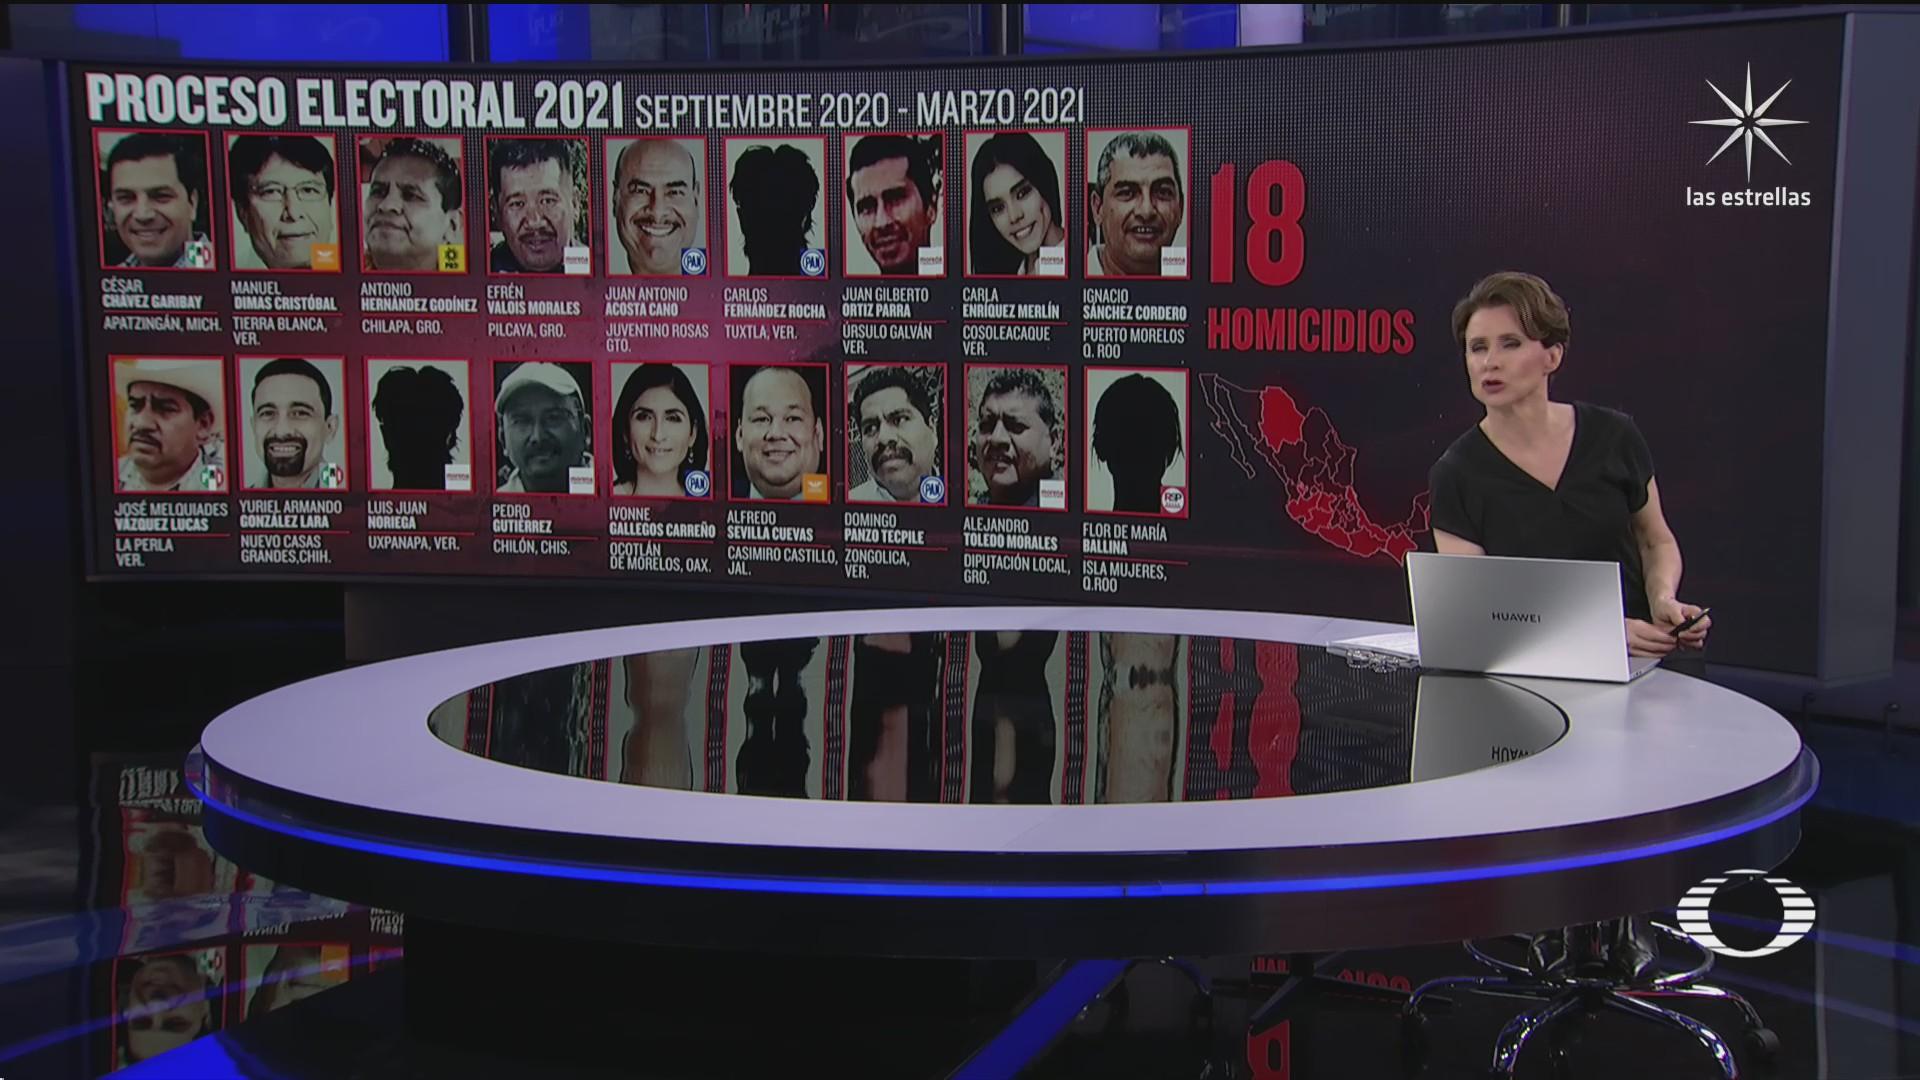 desde septiembre 16 precandidatos y 2 candidatas han sido asesinados en mexico